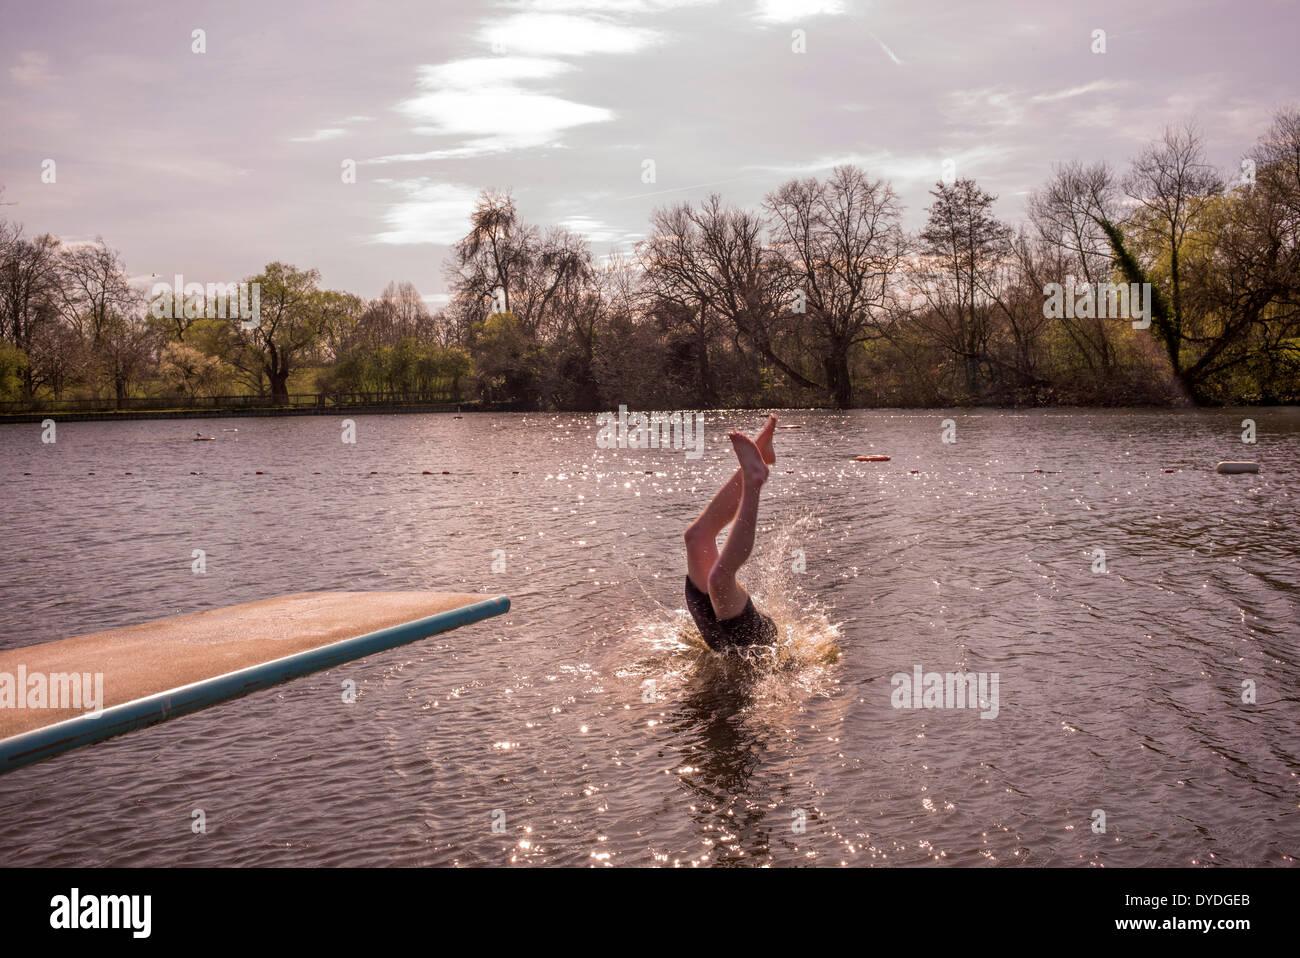 Un hombre joven nadando en la primavera de lagunas de agua fresca. Imagen De Stock